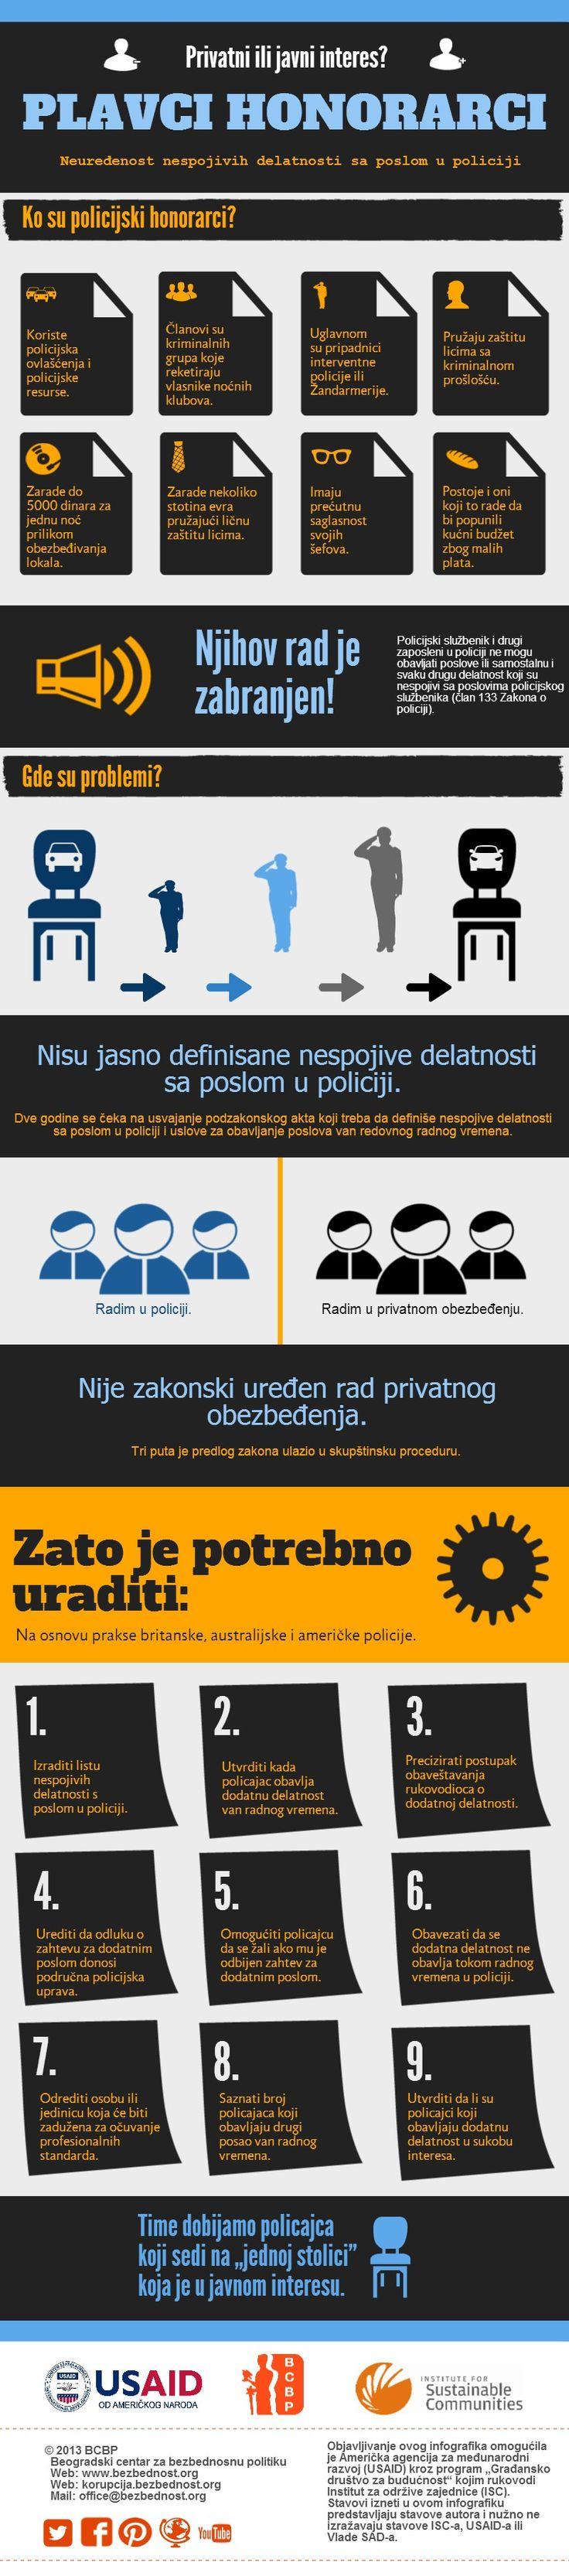 Plavci honorarci - pogledajte BCBP infografik o nespojivim delatnostima sa poslom u policiji